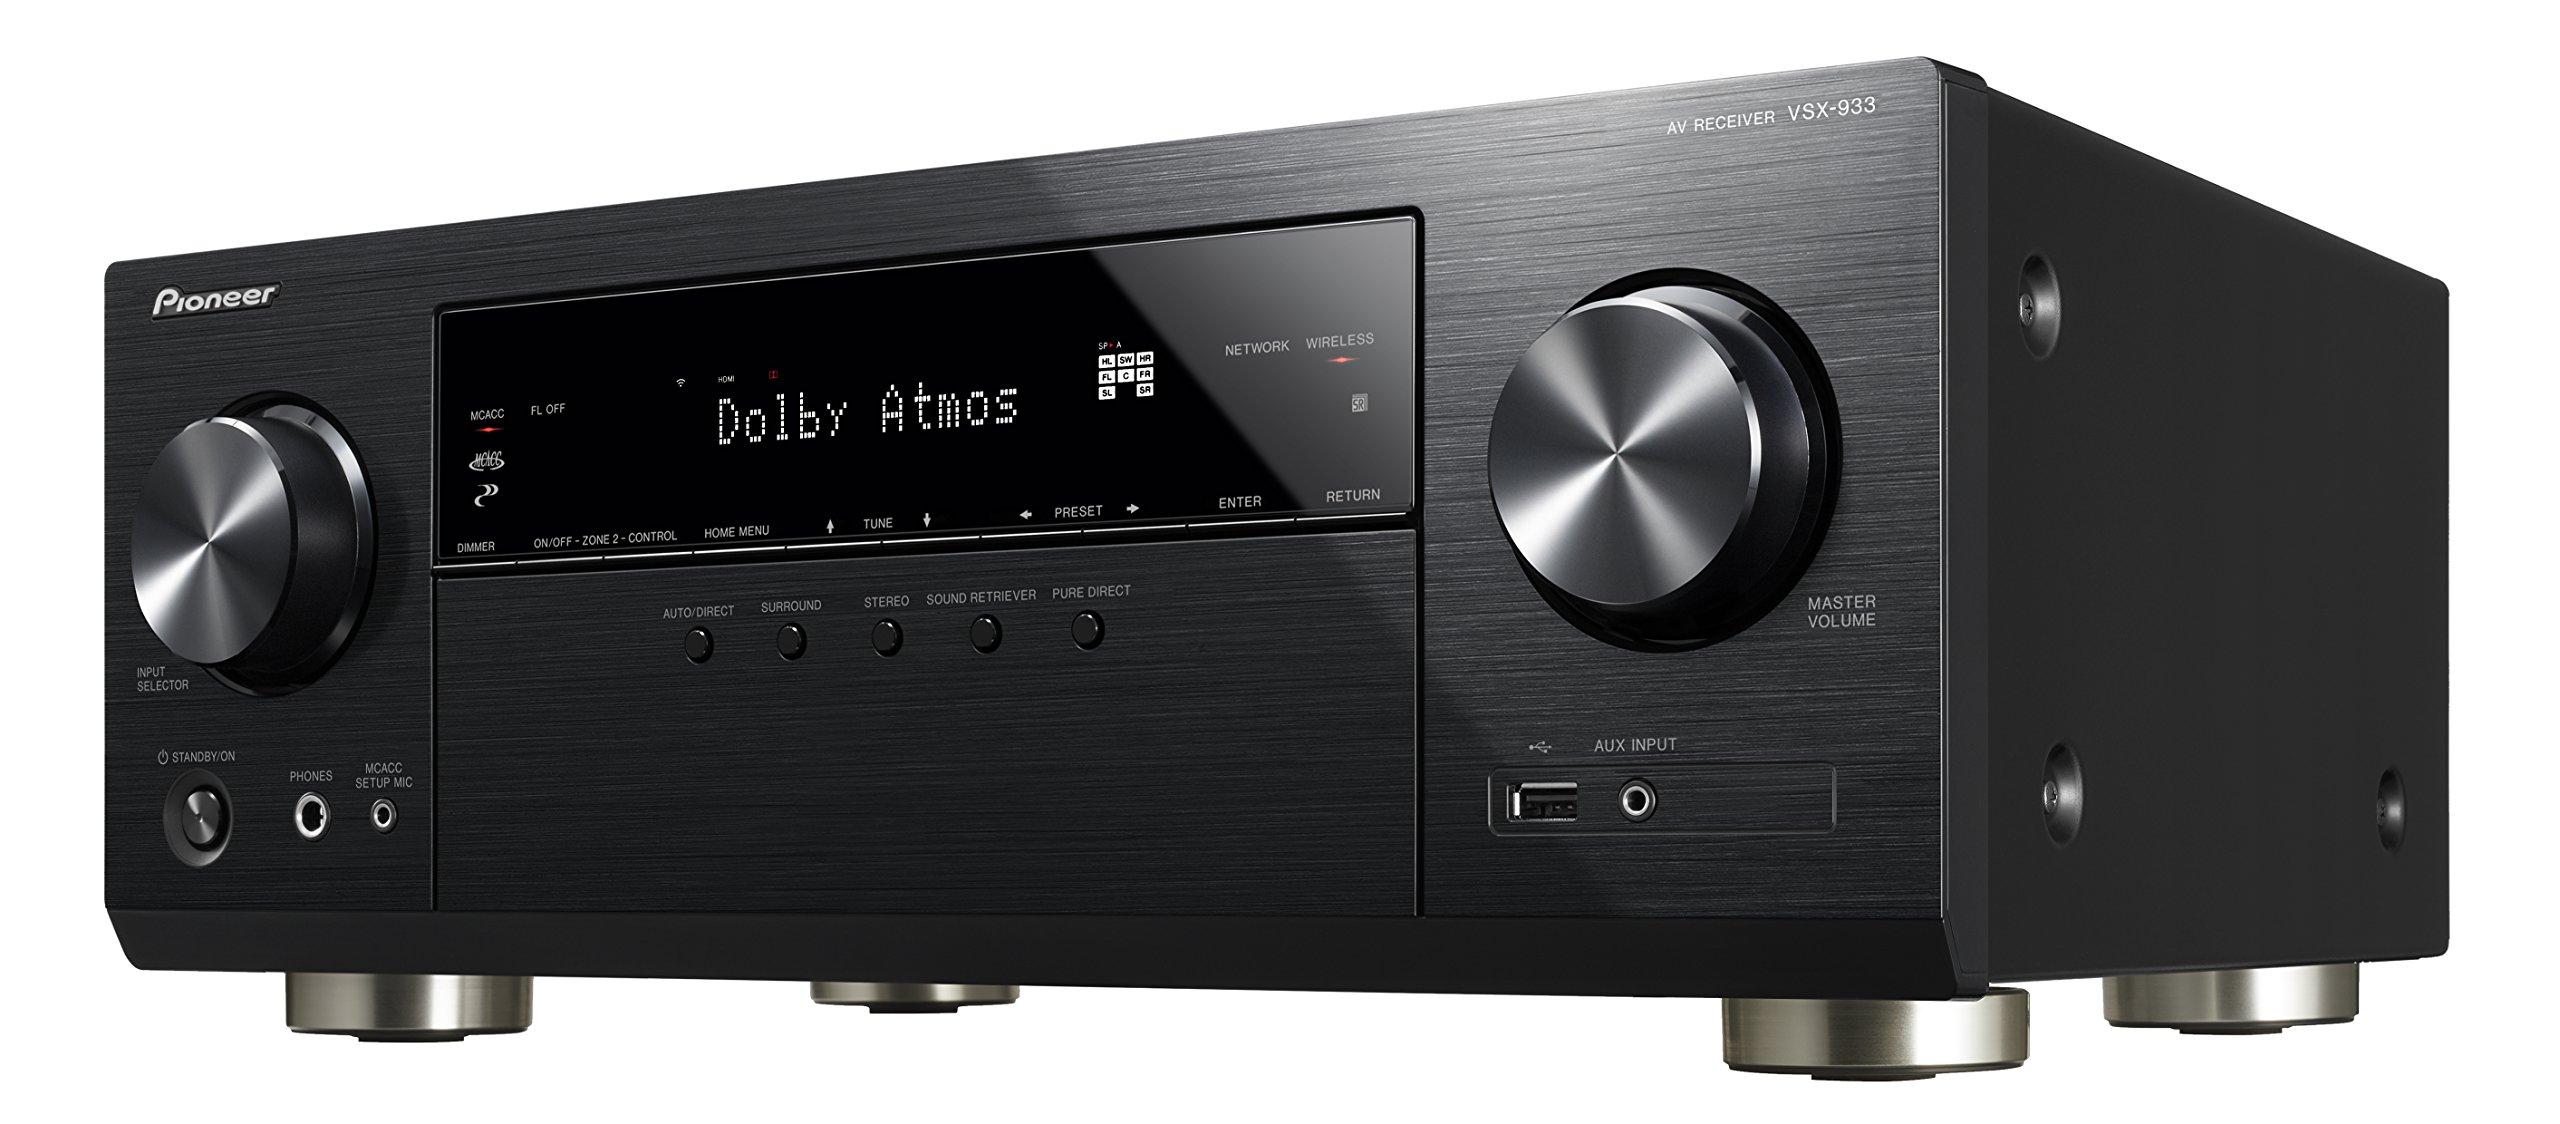 81dS1ElHwiL - Pioneer VSX-933(B) 7.2 Channel AV Receiver (Hifi Amplifier 135 Watt/Channel, Multiroom, Wifi, Bluetooth, Streaming…